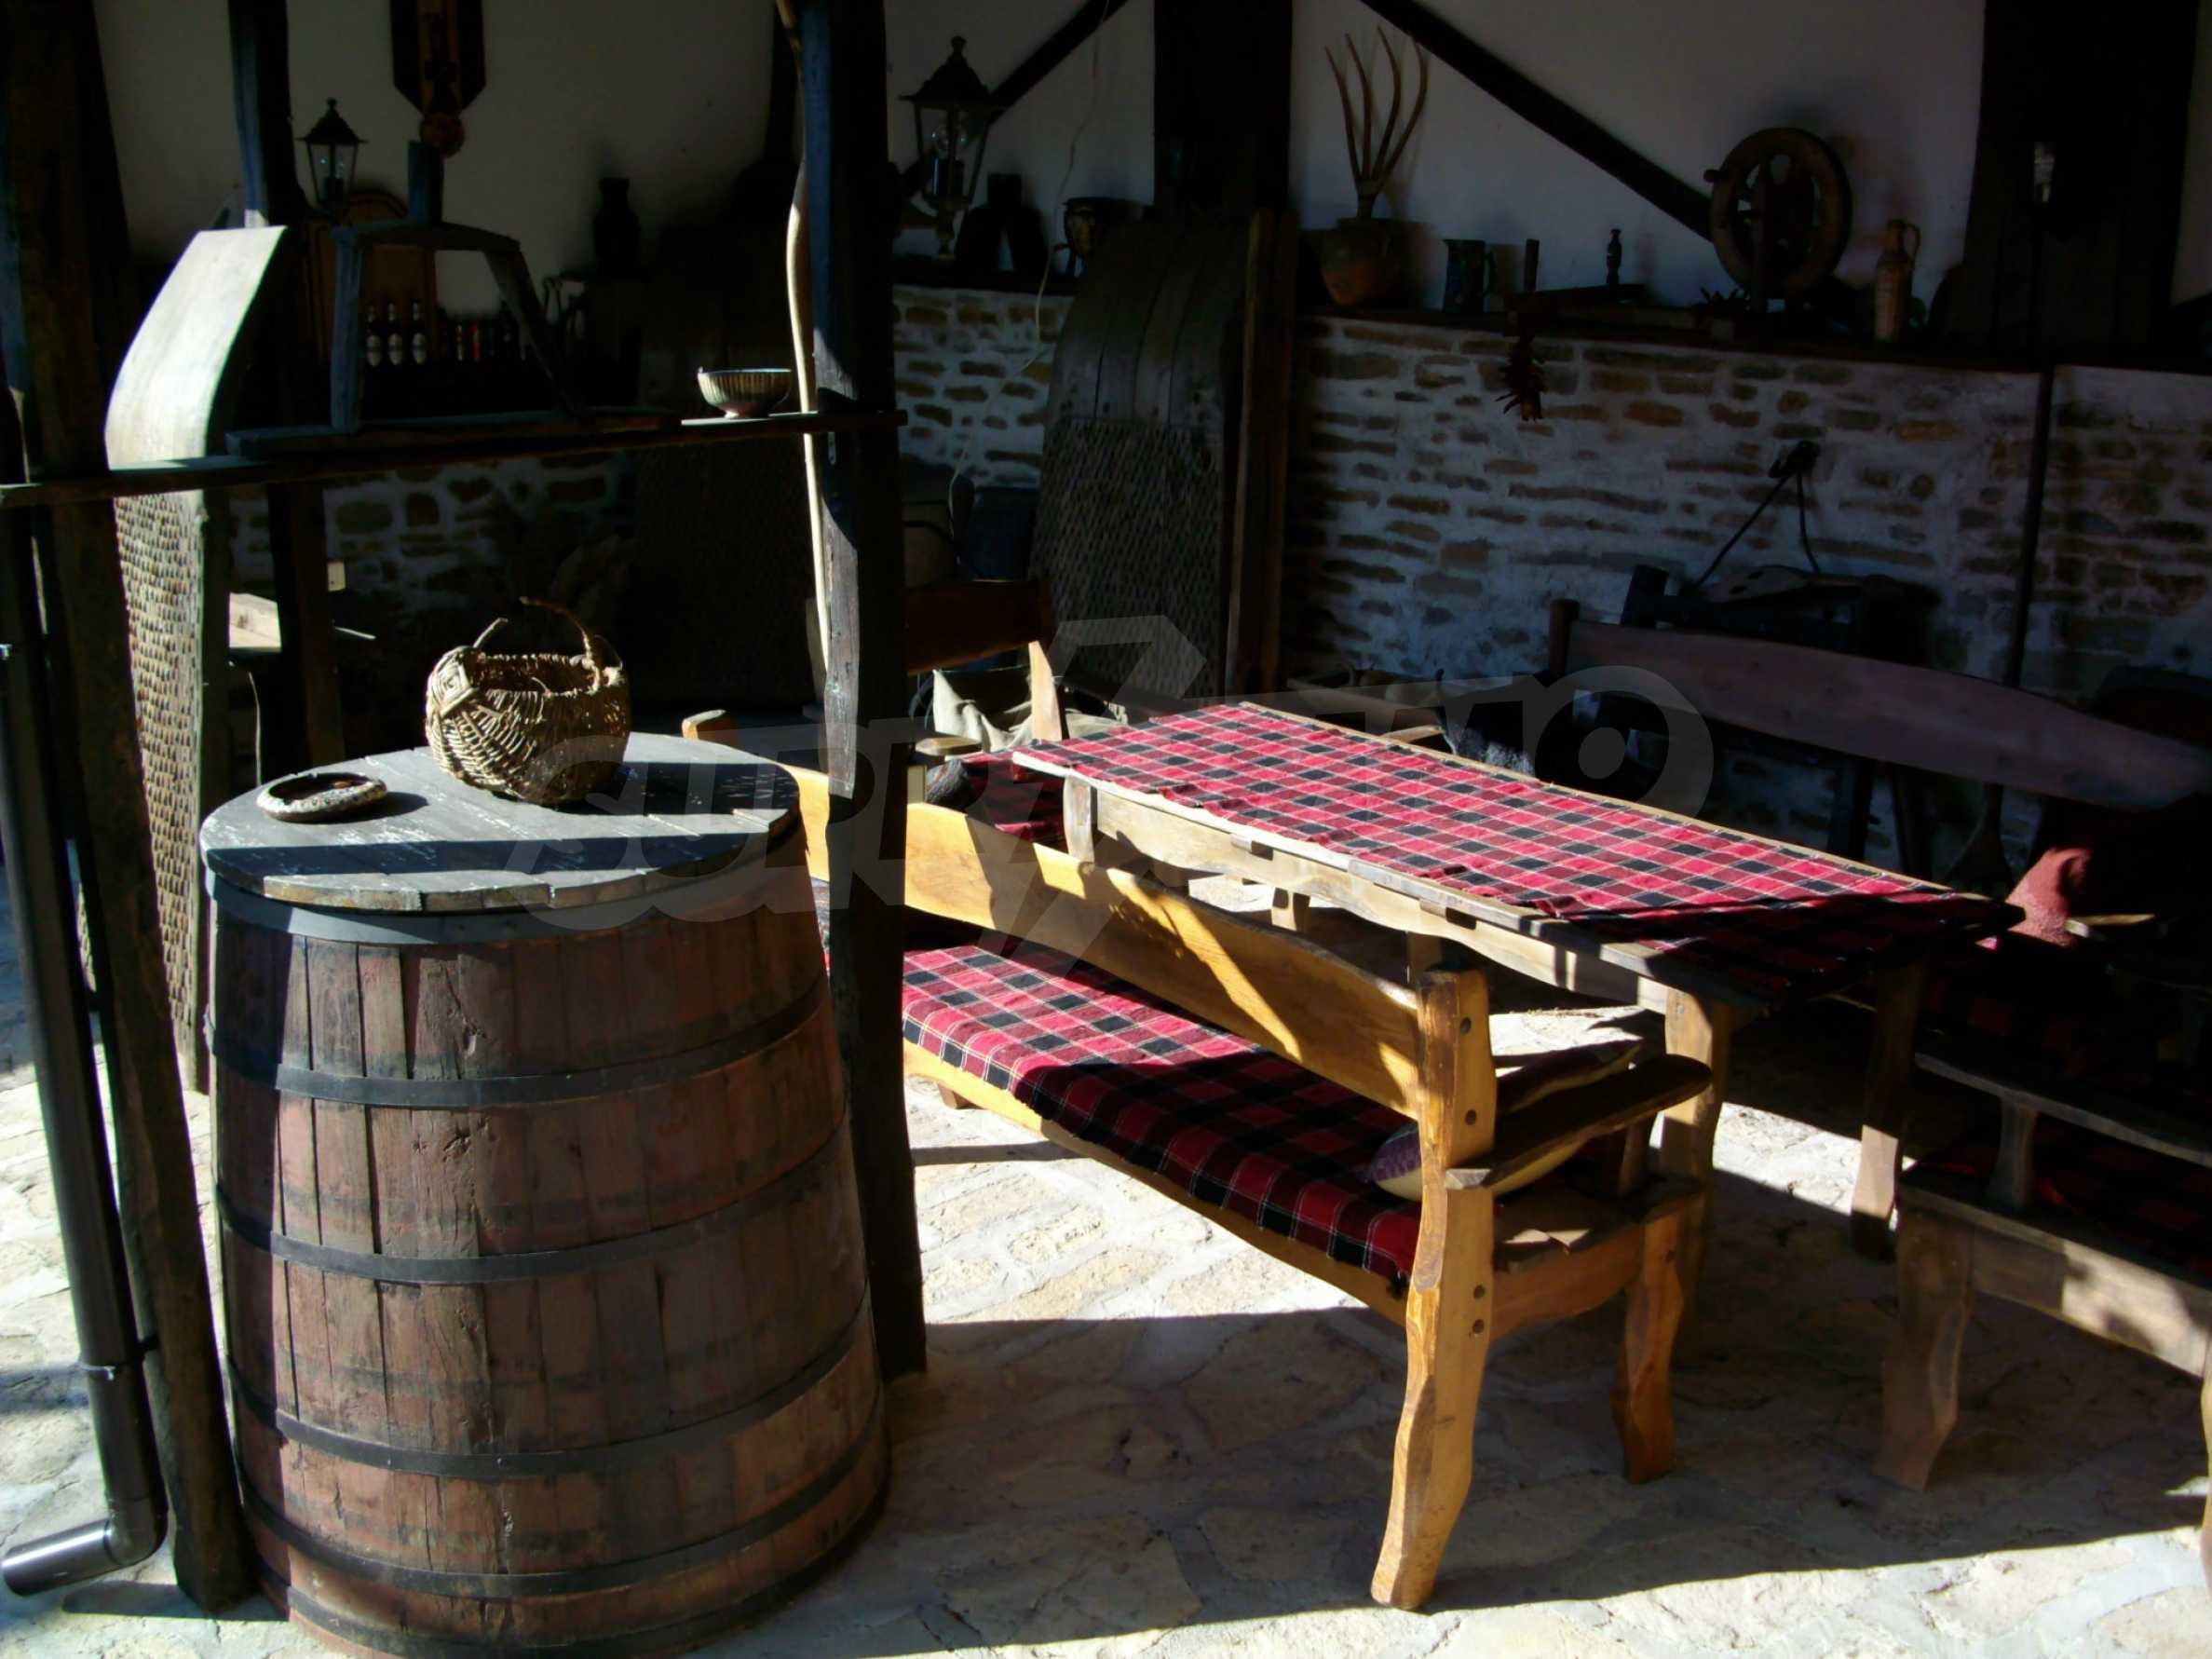 Vollständig möbliertes Anwesen im erhaltenen traditionellen bulgarischen Stil 16